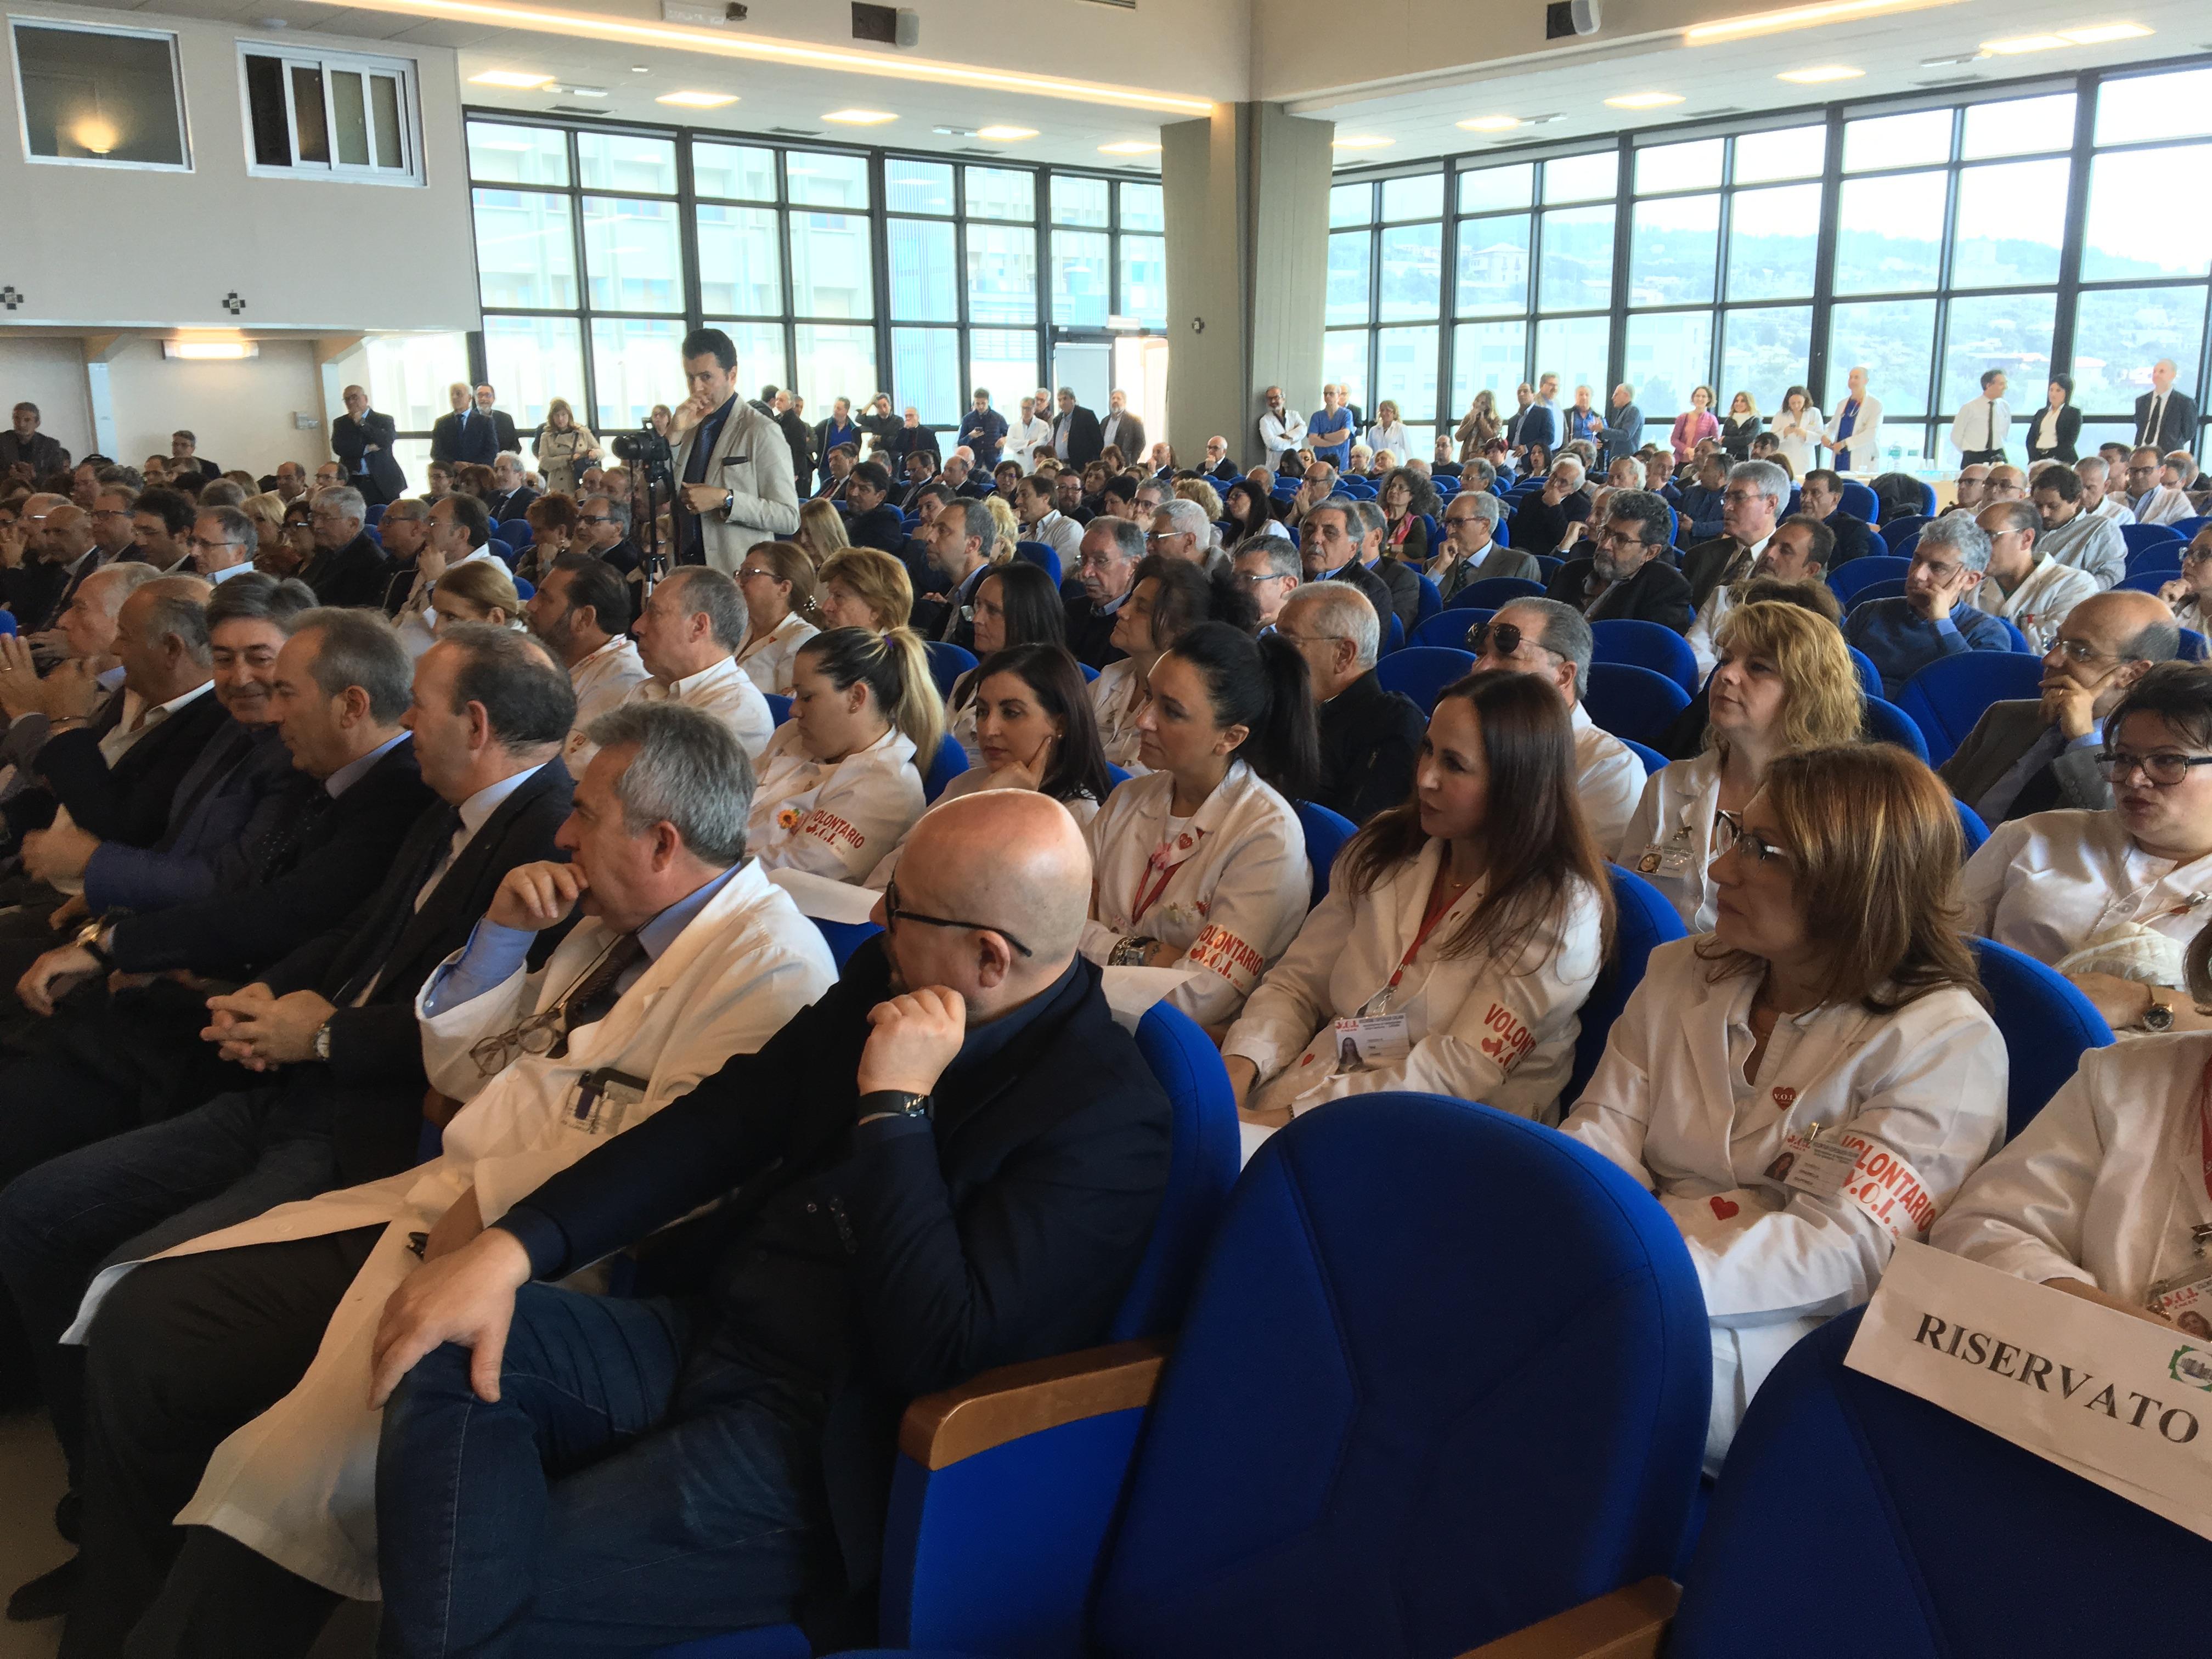 Cannizzaro di Catania nuovo reparto di malattie infettive - Evento sala 07